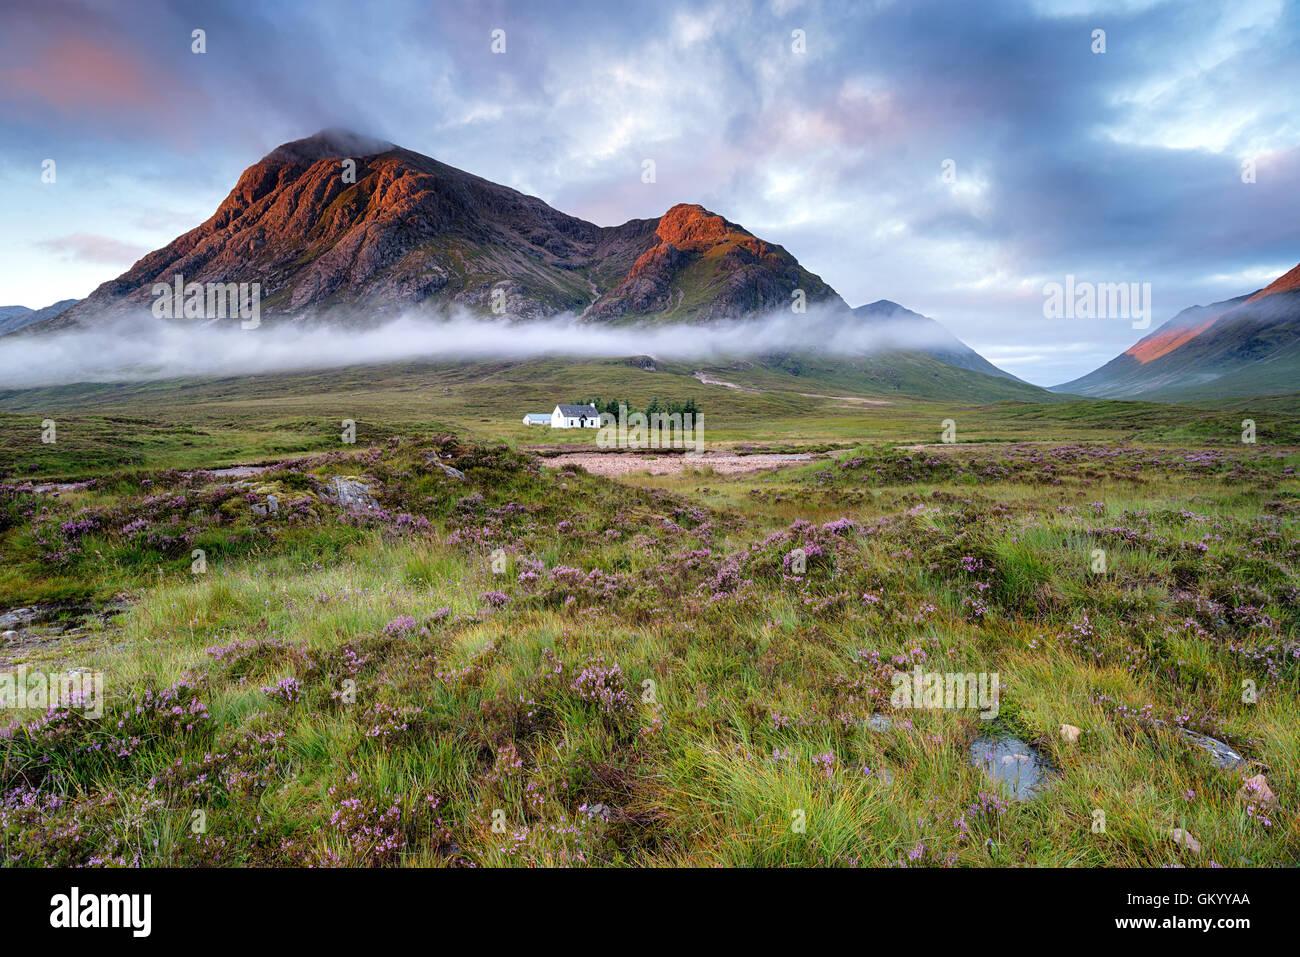 Impresionante amanecer sobre una cabaña debajo de las montañas de Glencoe en las Highlands escocesas Imagen De Stock